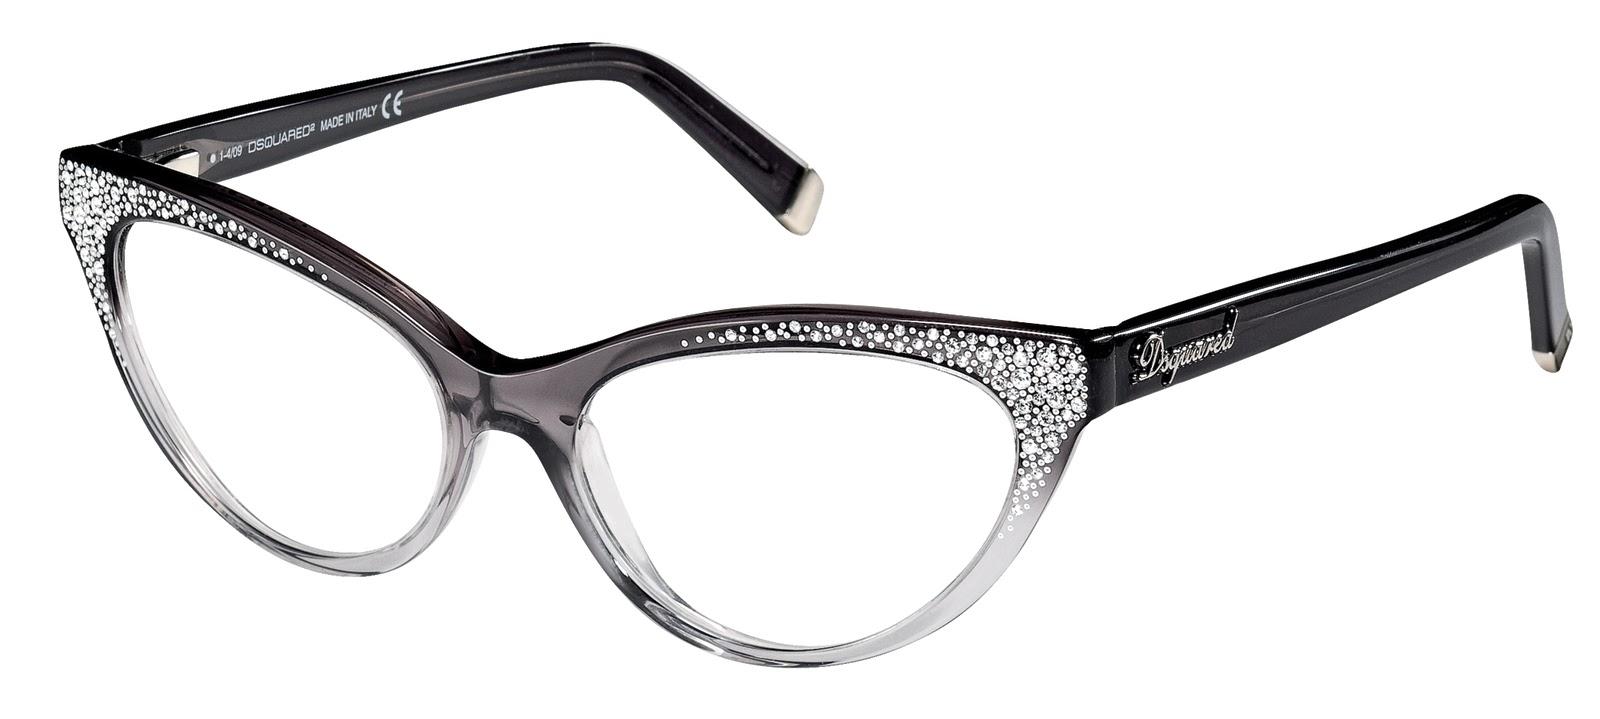 060538d5faf5c O modelo é um óculos gatinho degradê da marca Dsquared2 com cristais  Swarovski. Peça este óculos através do e-mail  loja oculoseoculos.com.br.